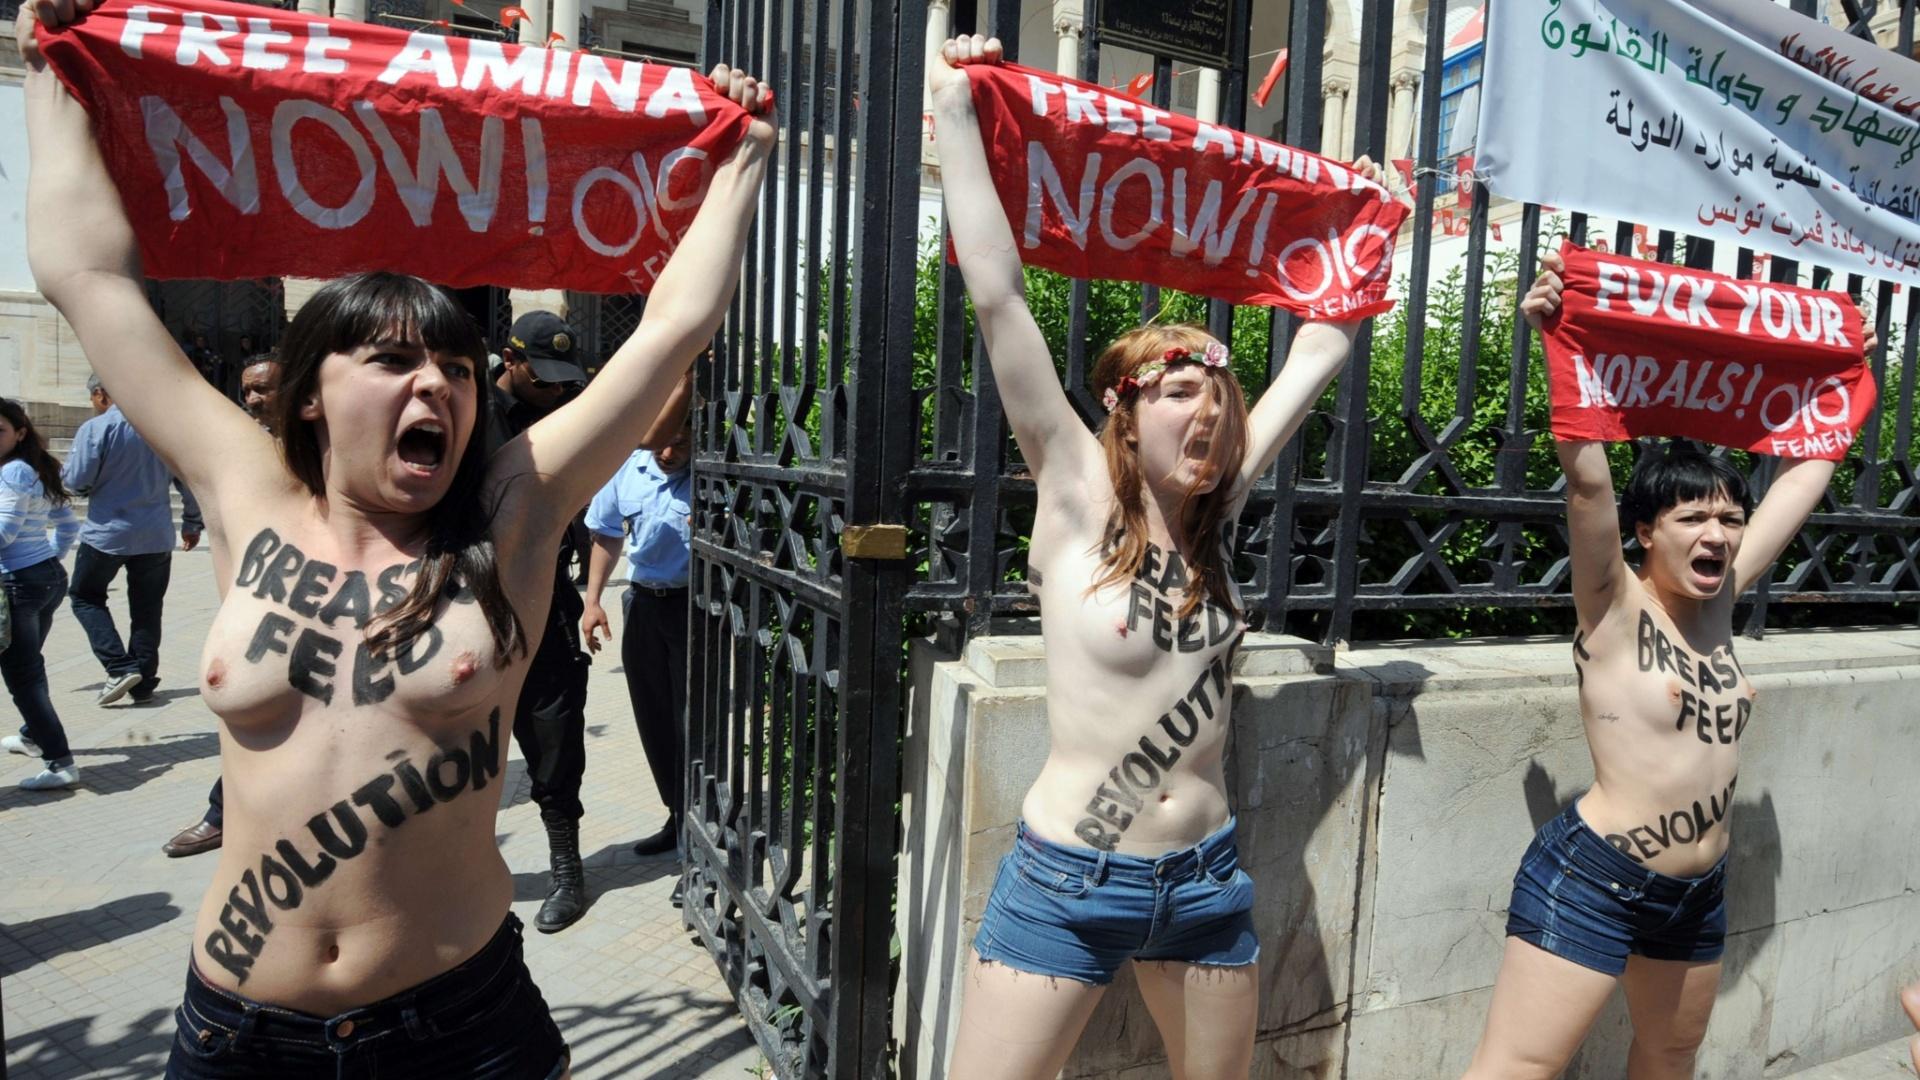 29.mai.2013 - Manifestantes do Grupo Femen protestam em frente ao Palácio da Justiça em Túnis, capital da Tunísia. Duas francesas e uma alemã exibiram faixas com os dizeres